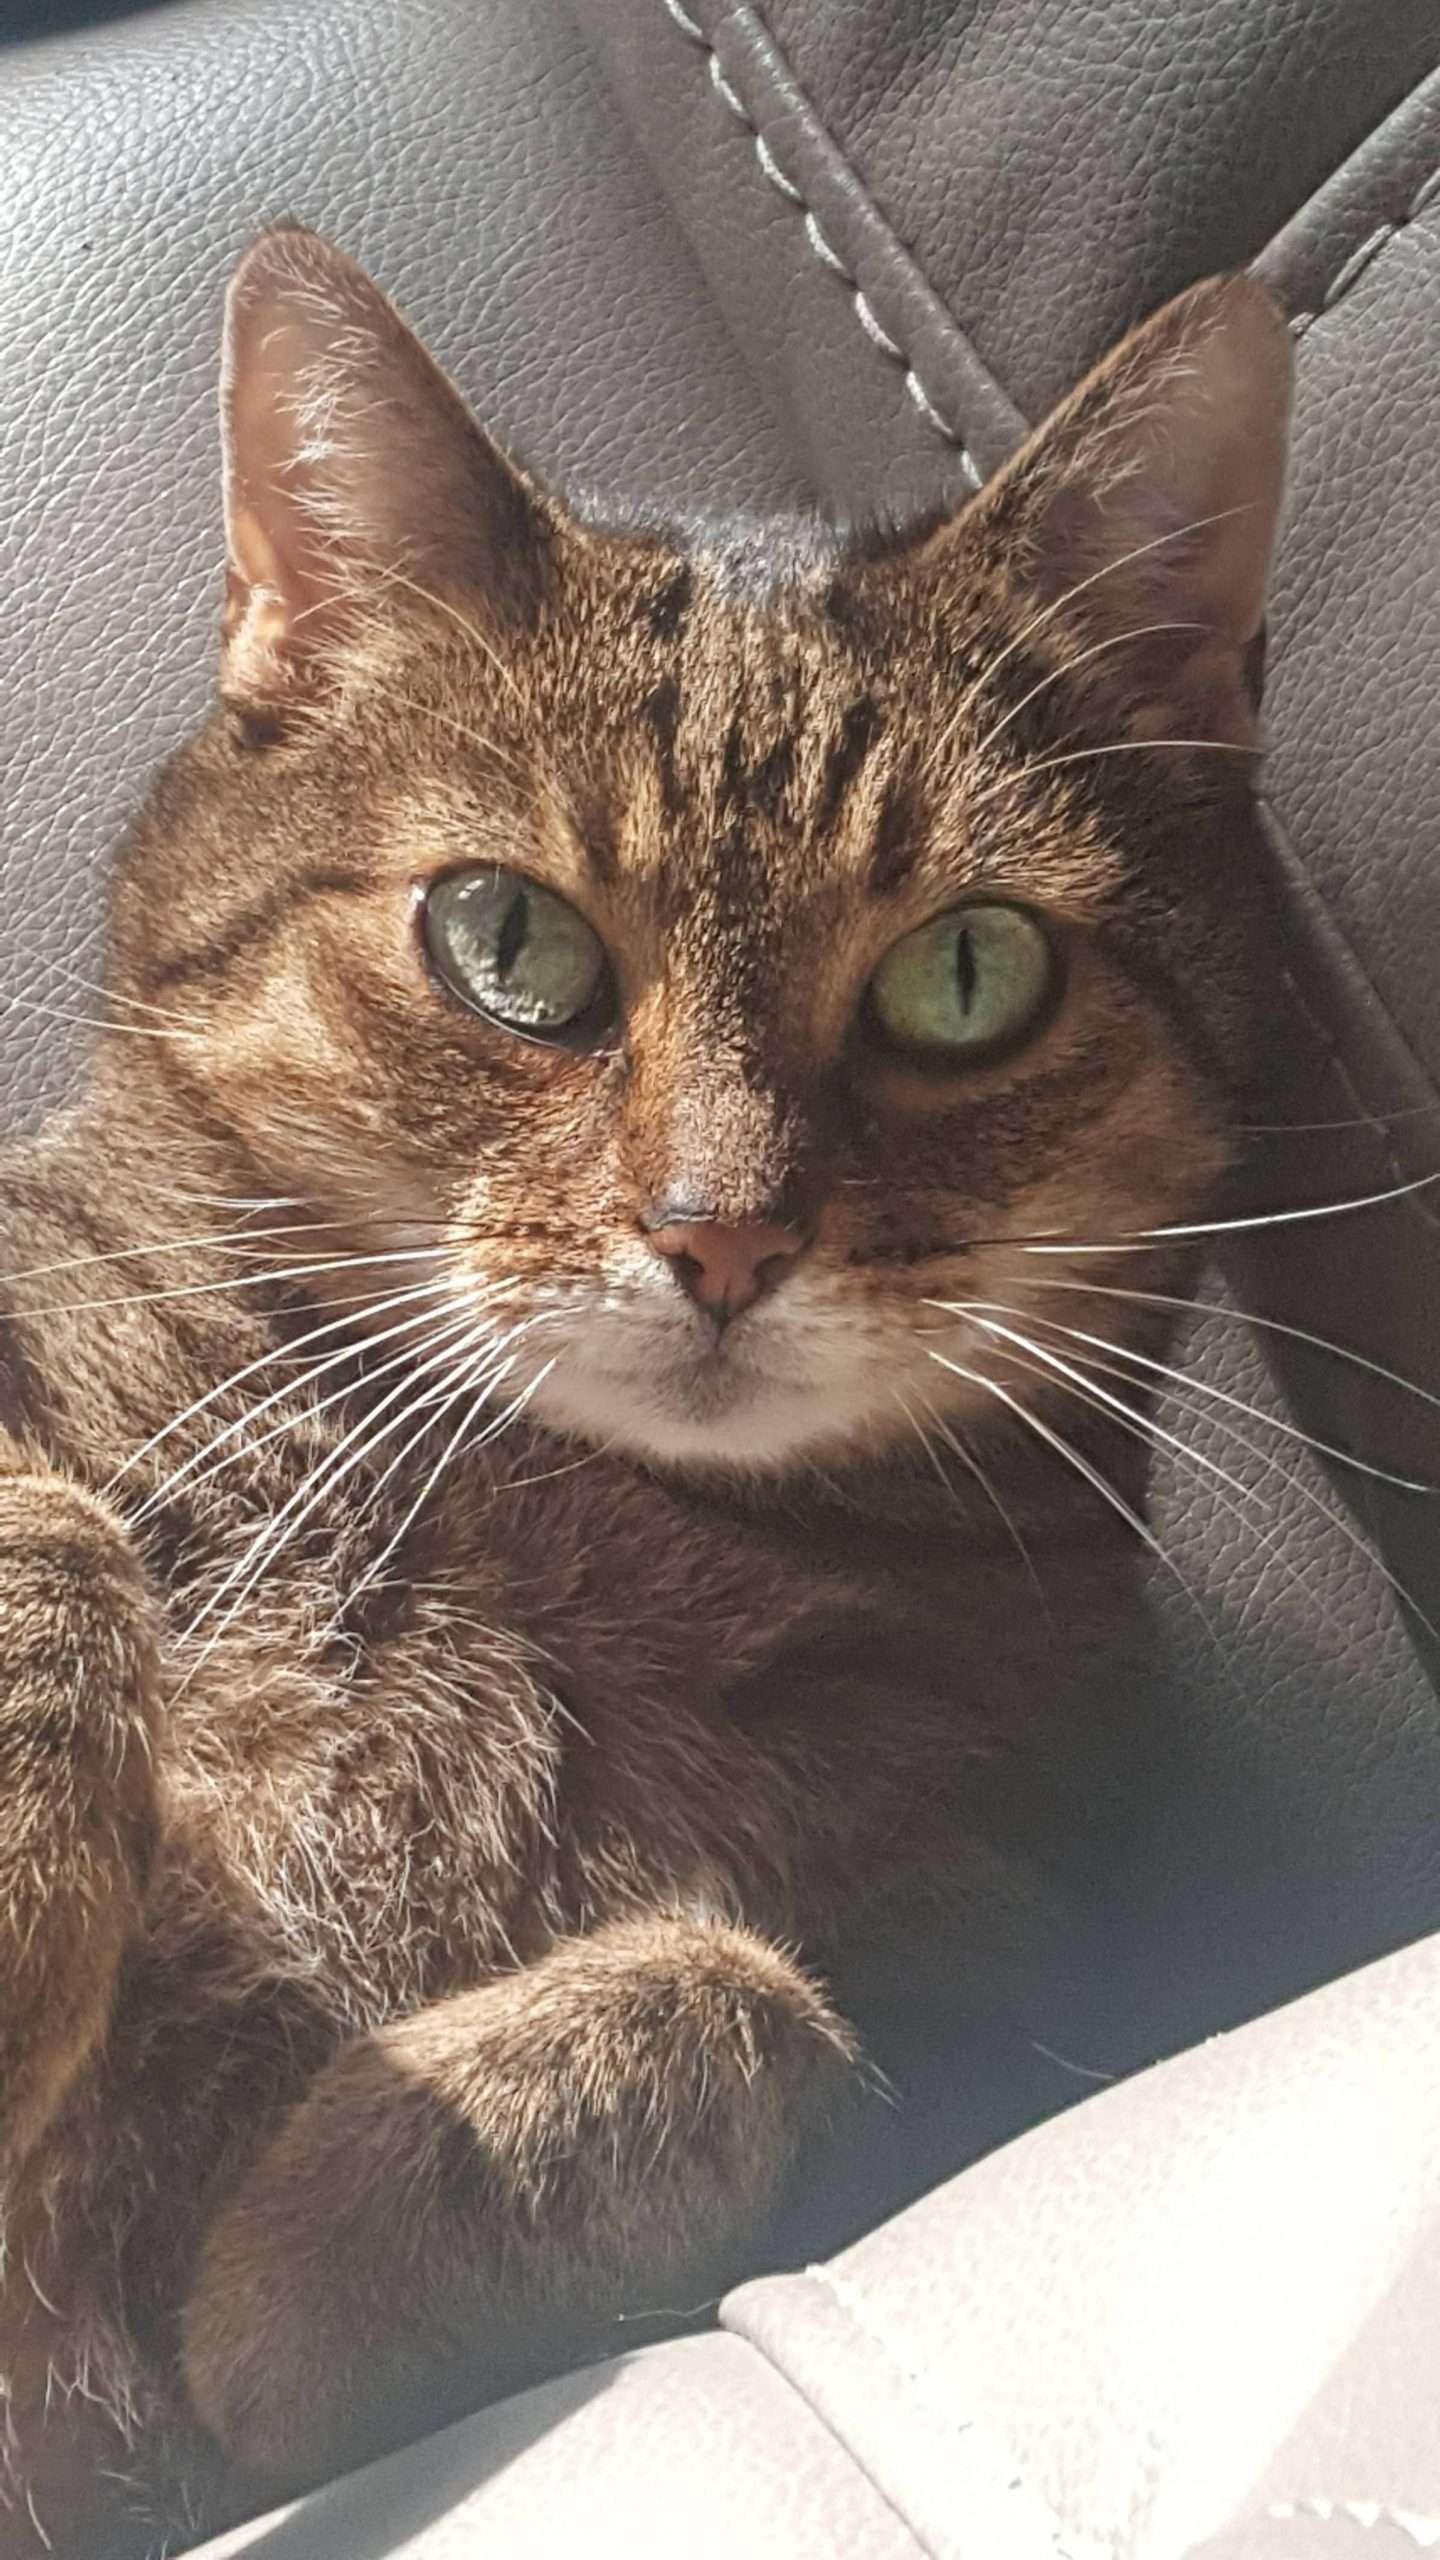 12 years old kitten